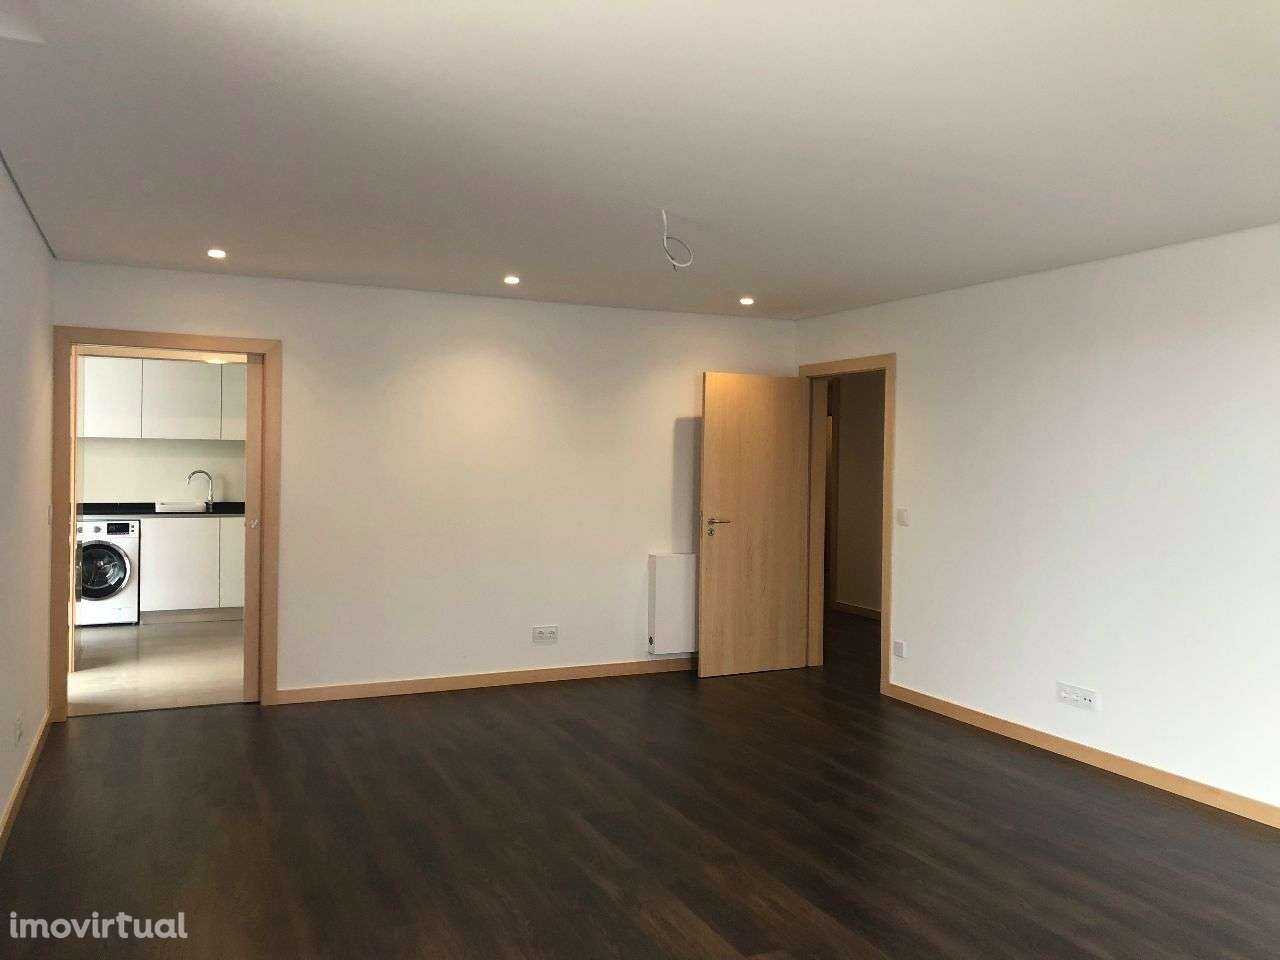 Apartamento para comprar, Rua das Glicínias - Urbanização Glicínias, Aradas - Foto 19